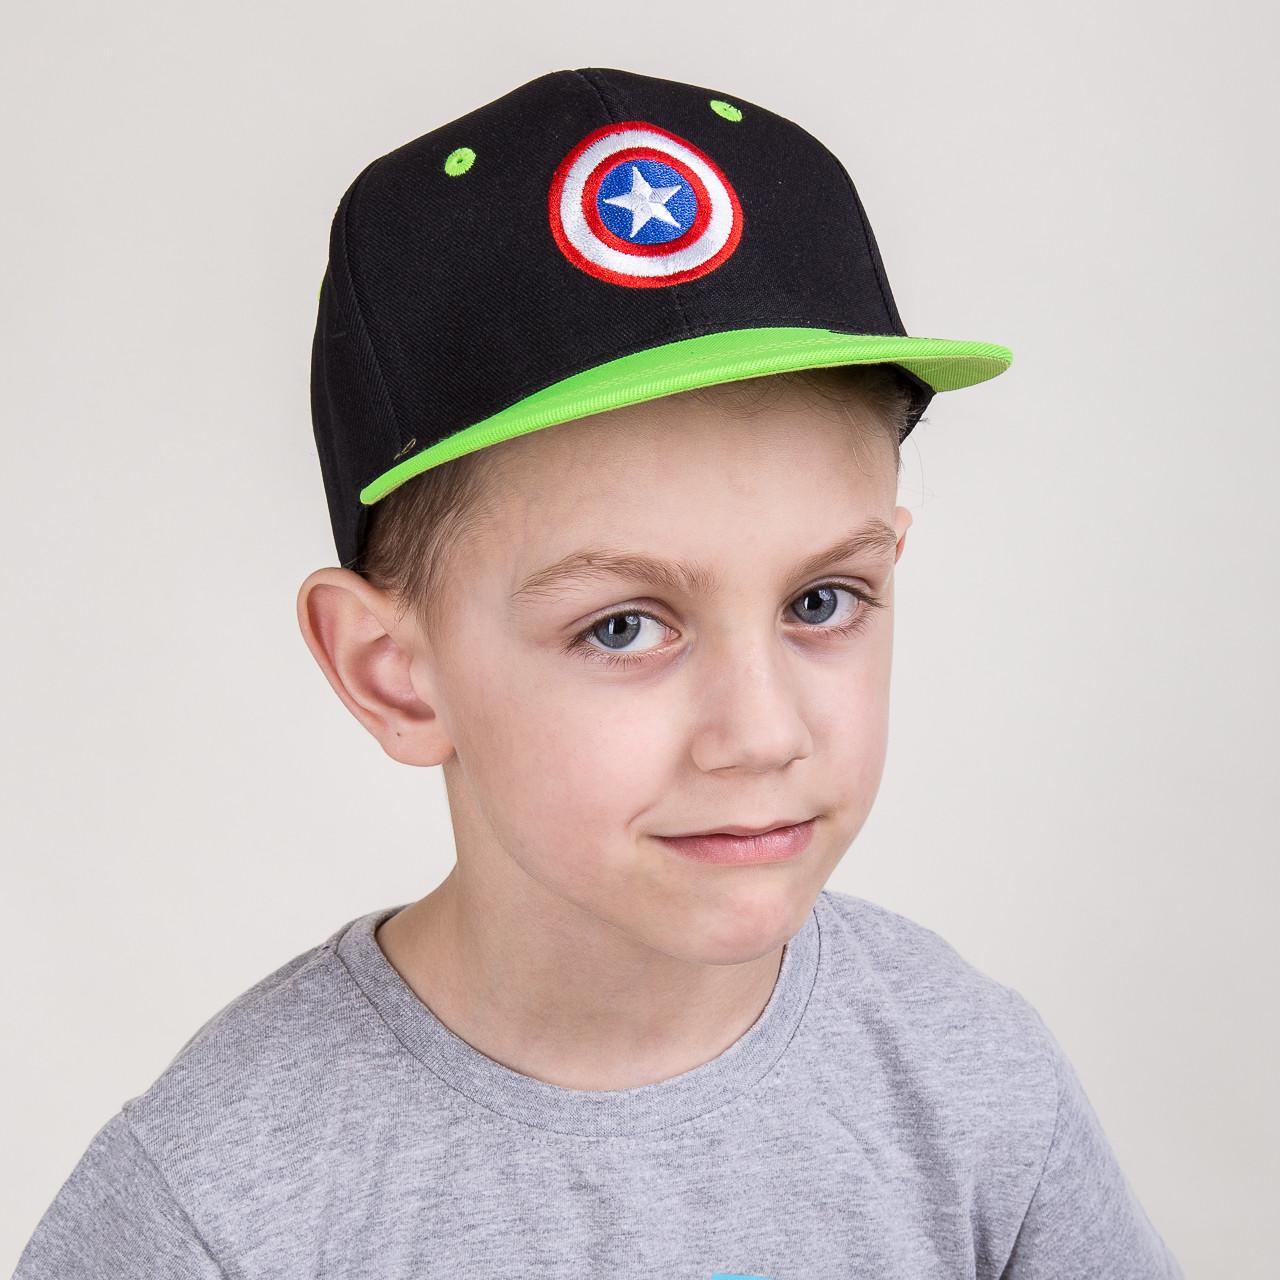 Реперская кепка для мальчика Snapback от производителя - HIP-HOP - Б08a